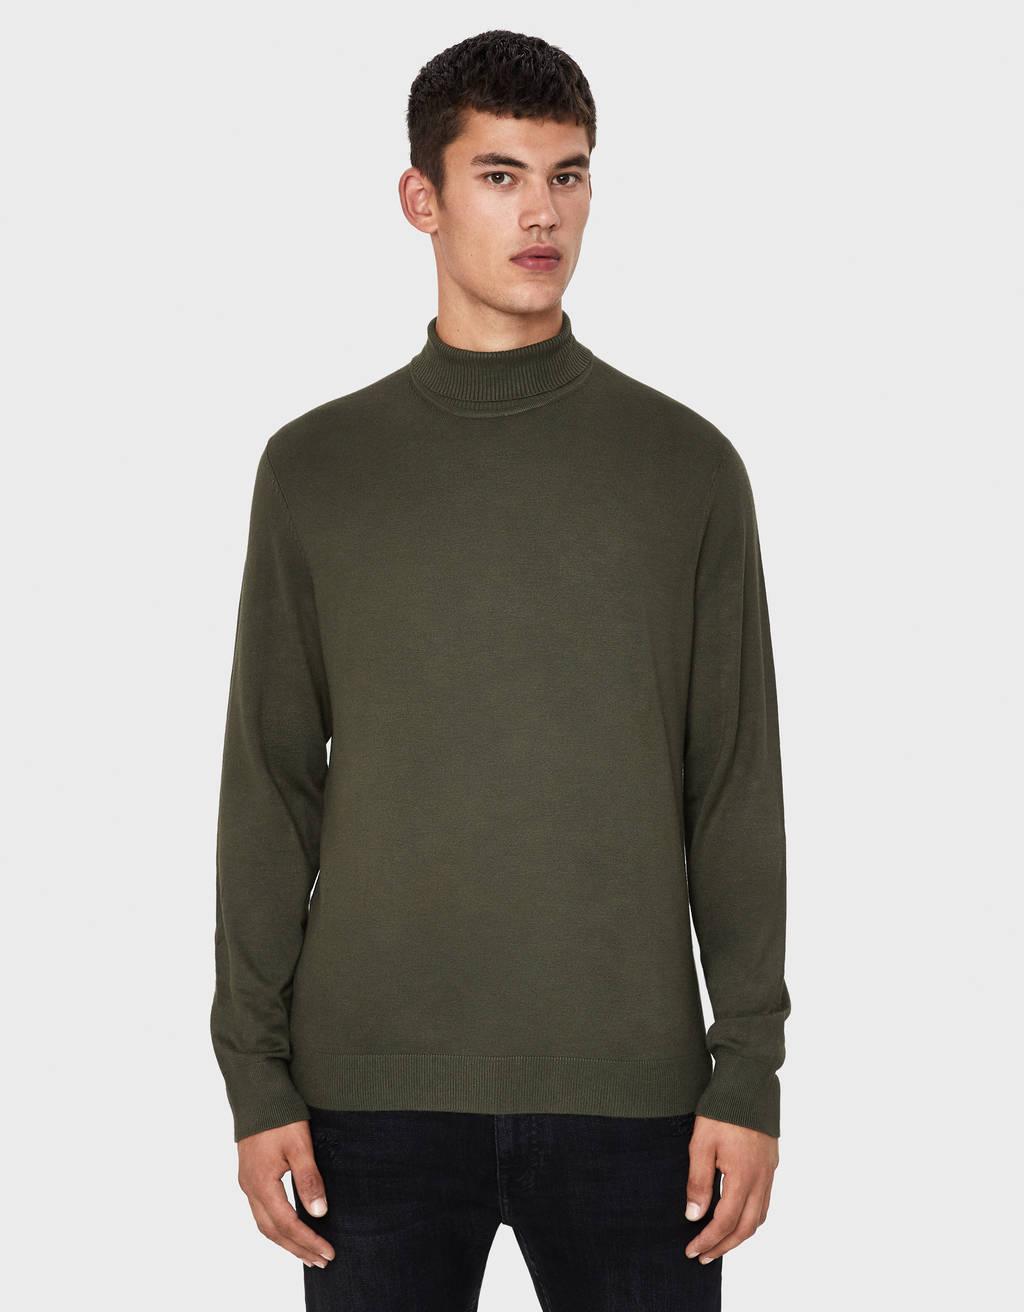 Džemperis ar augstu apkakli